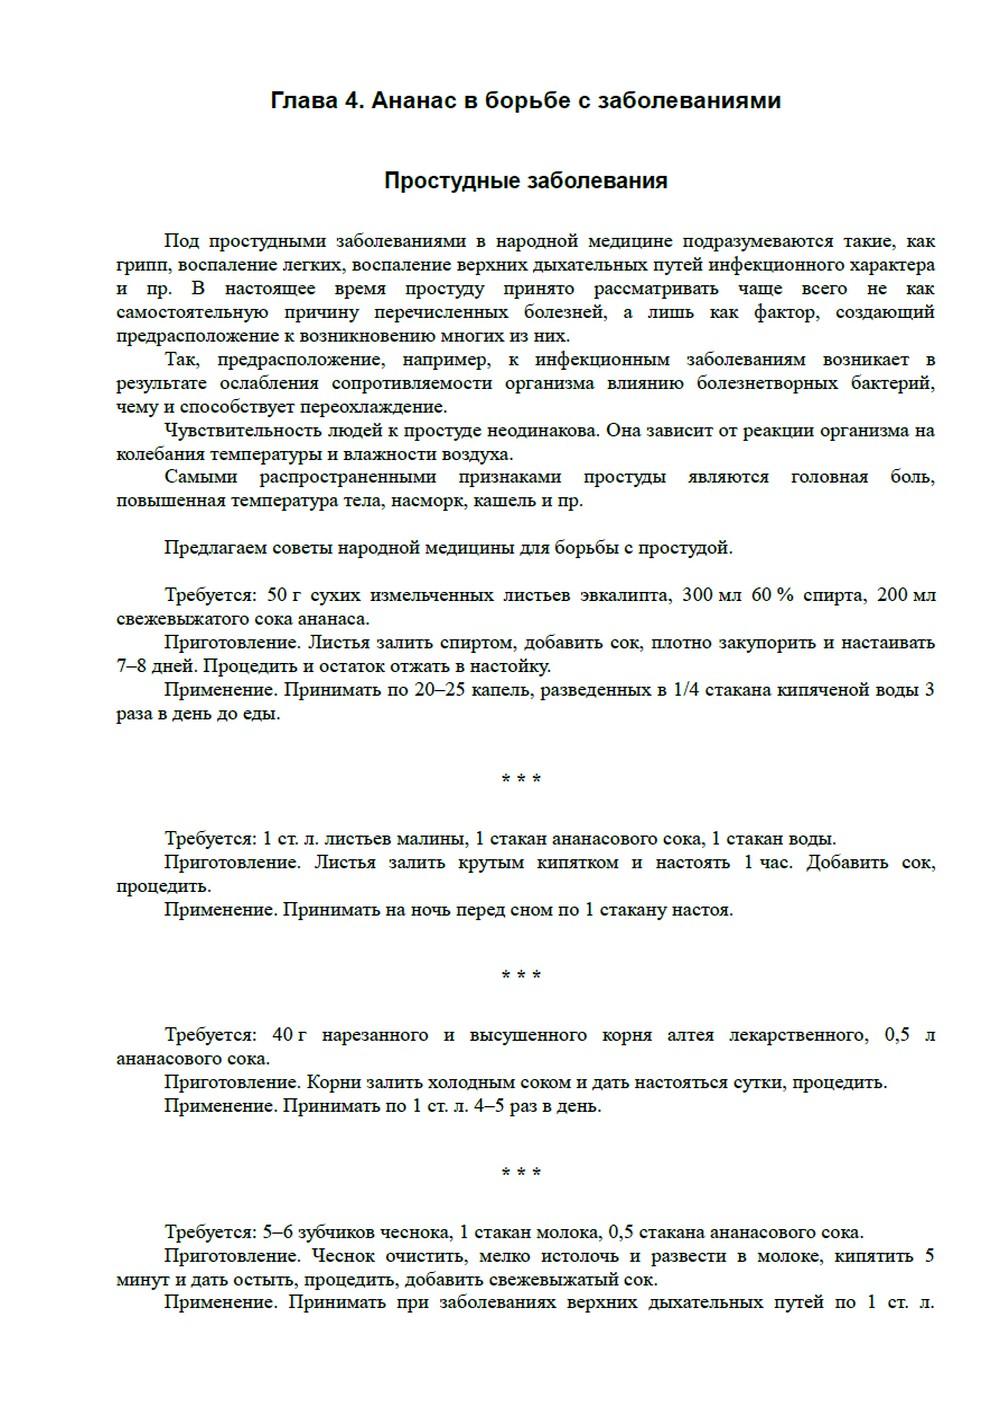 http://i1.imageban.ru/out/2013/12/08/586377bfa039d7234309e8602402da79.jpg